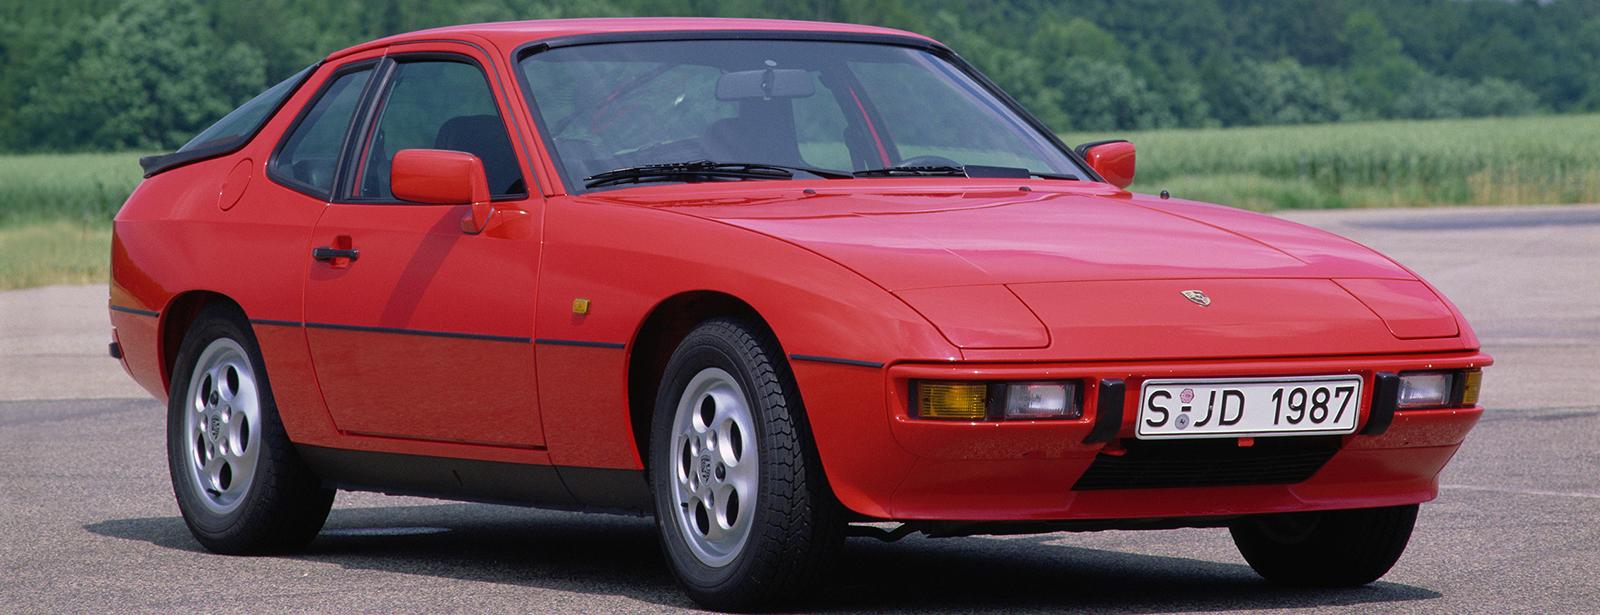 Porsche 924 front 3/4